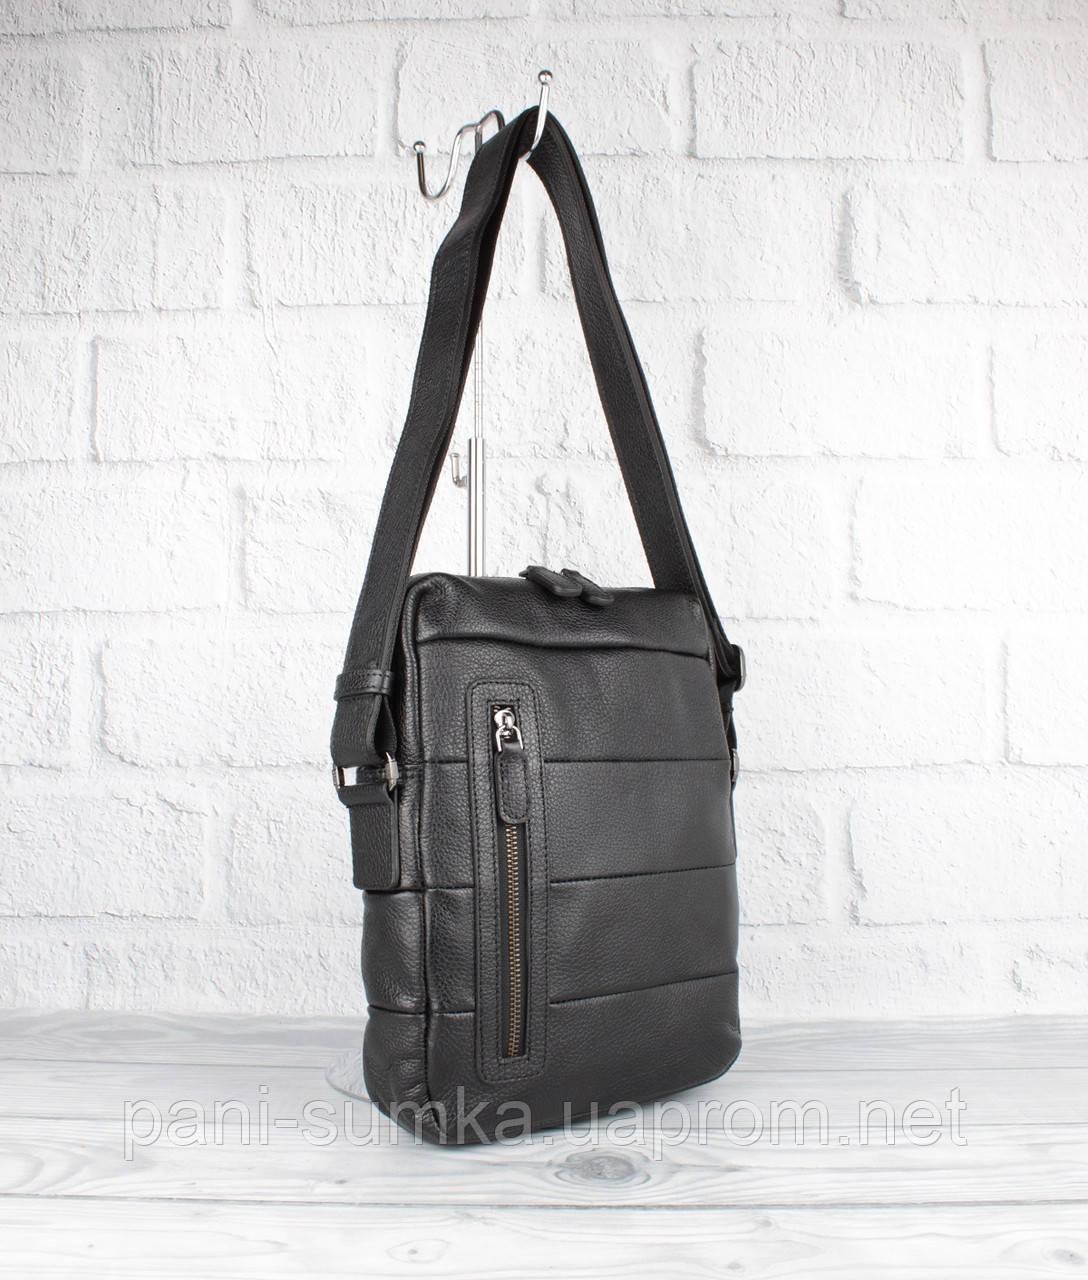 Кожаная мужская сумка Bond Non 1162-281 черная средняя, Турция